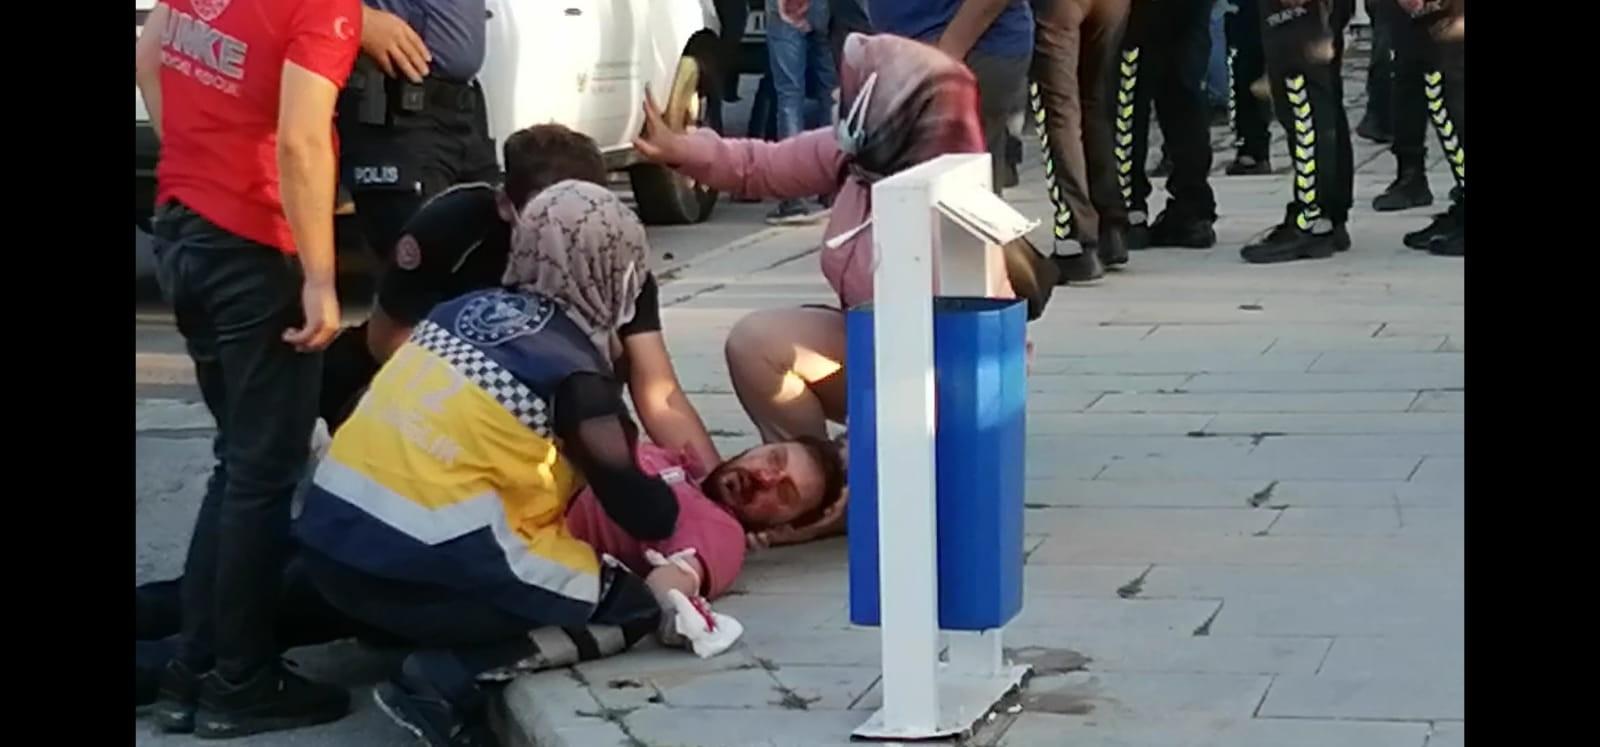 Kaza tutanağı tutmak isteyen taraflar anlaşamayınca yumruklar konuştu -  Erzurum Haberleri